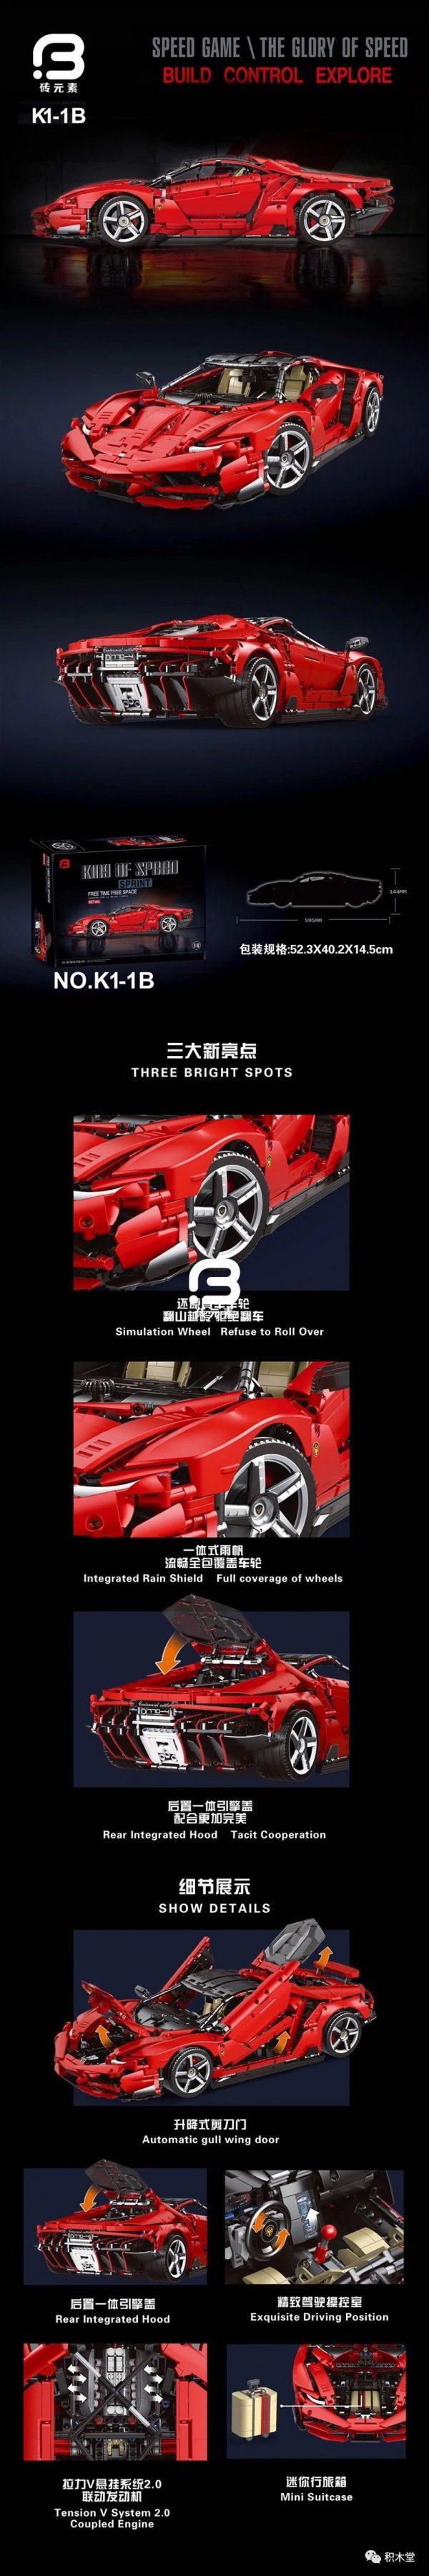 DoubleE / CADA C61041 Lamborghini Centenario 1:8 hypercar 20